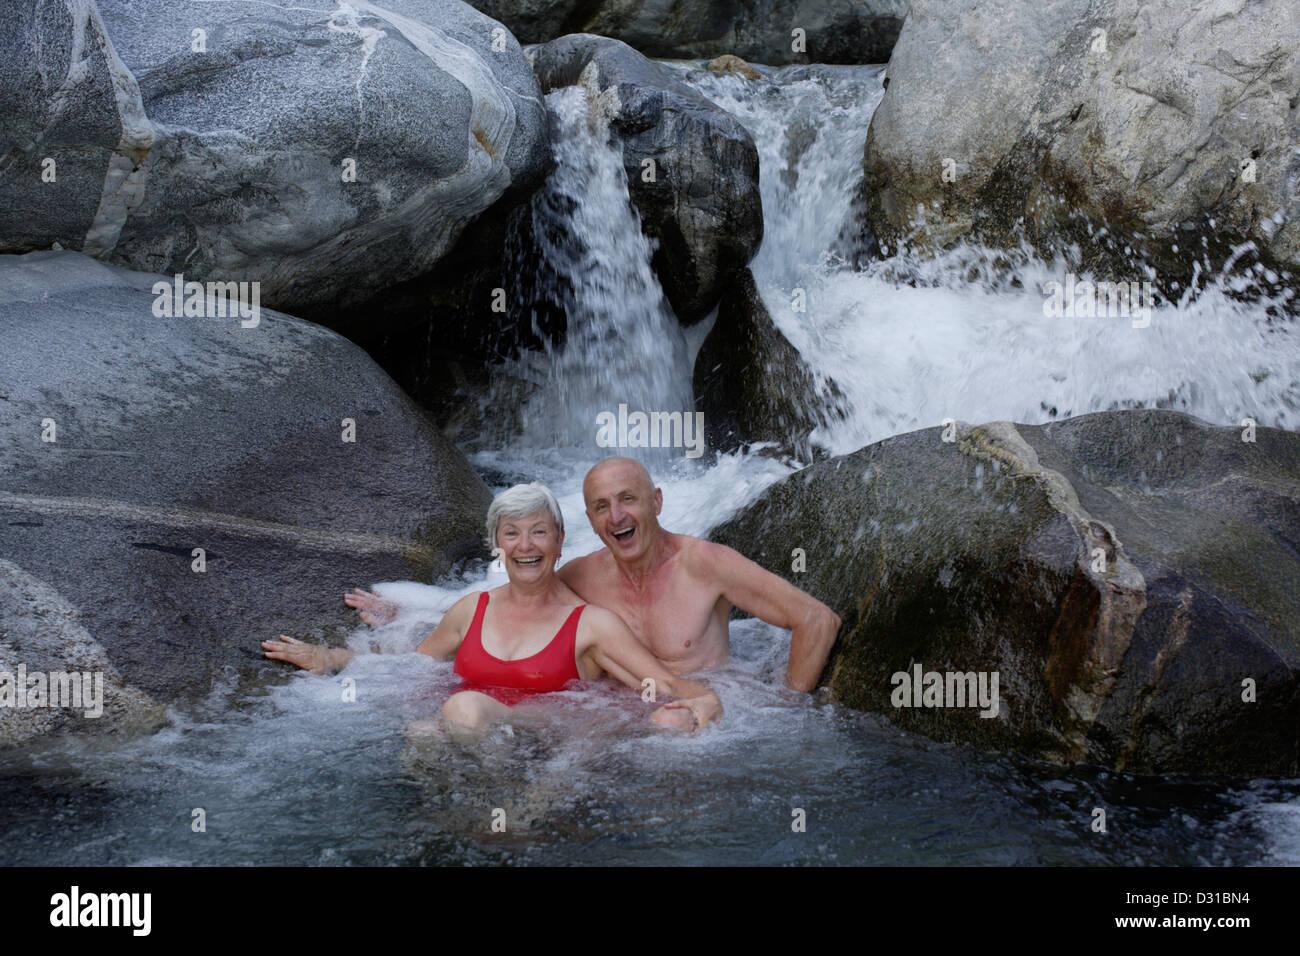 Los ancianos mientras se baña en el río de montaña Imagen De Stock